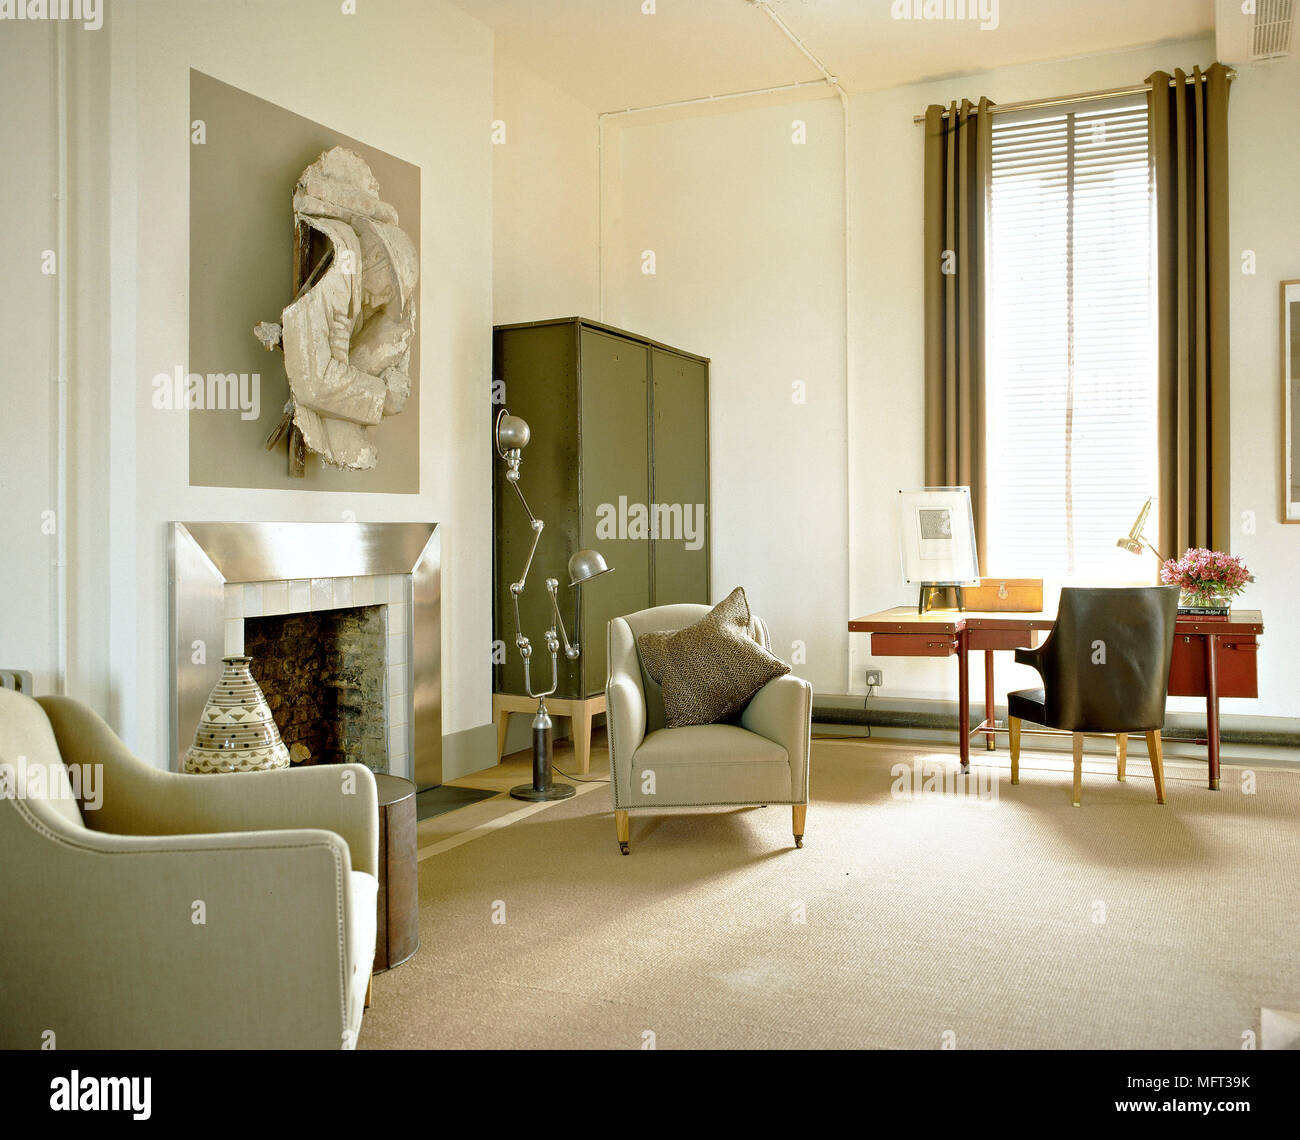 Neutre Moderne Salon Fauteuils Capitonnes Cheminee Surround Metal